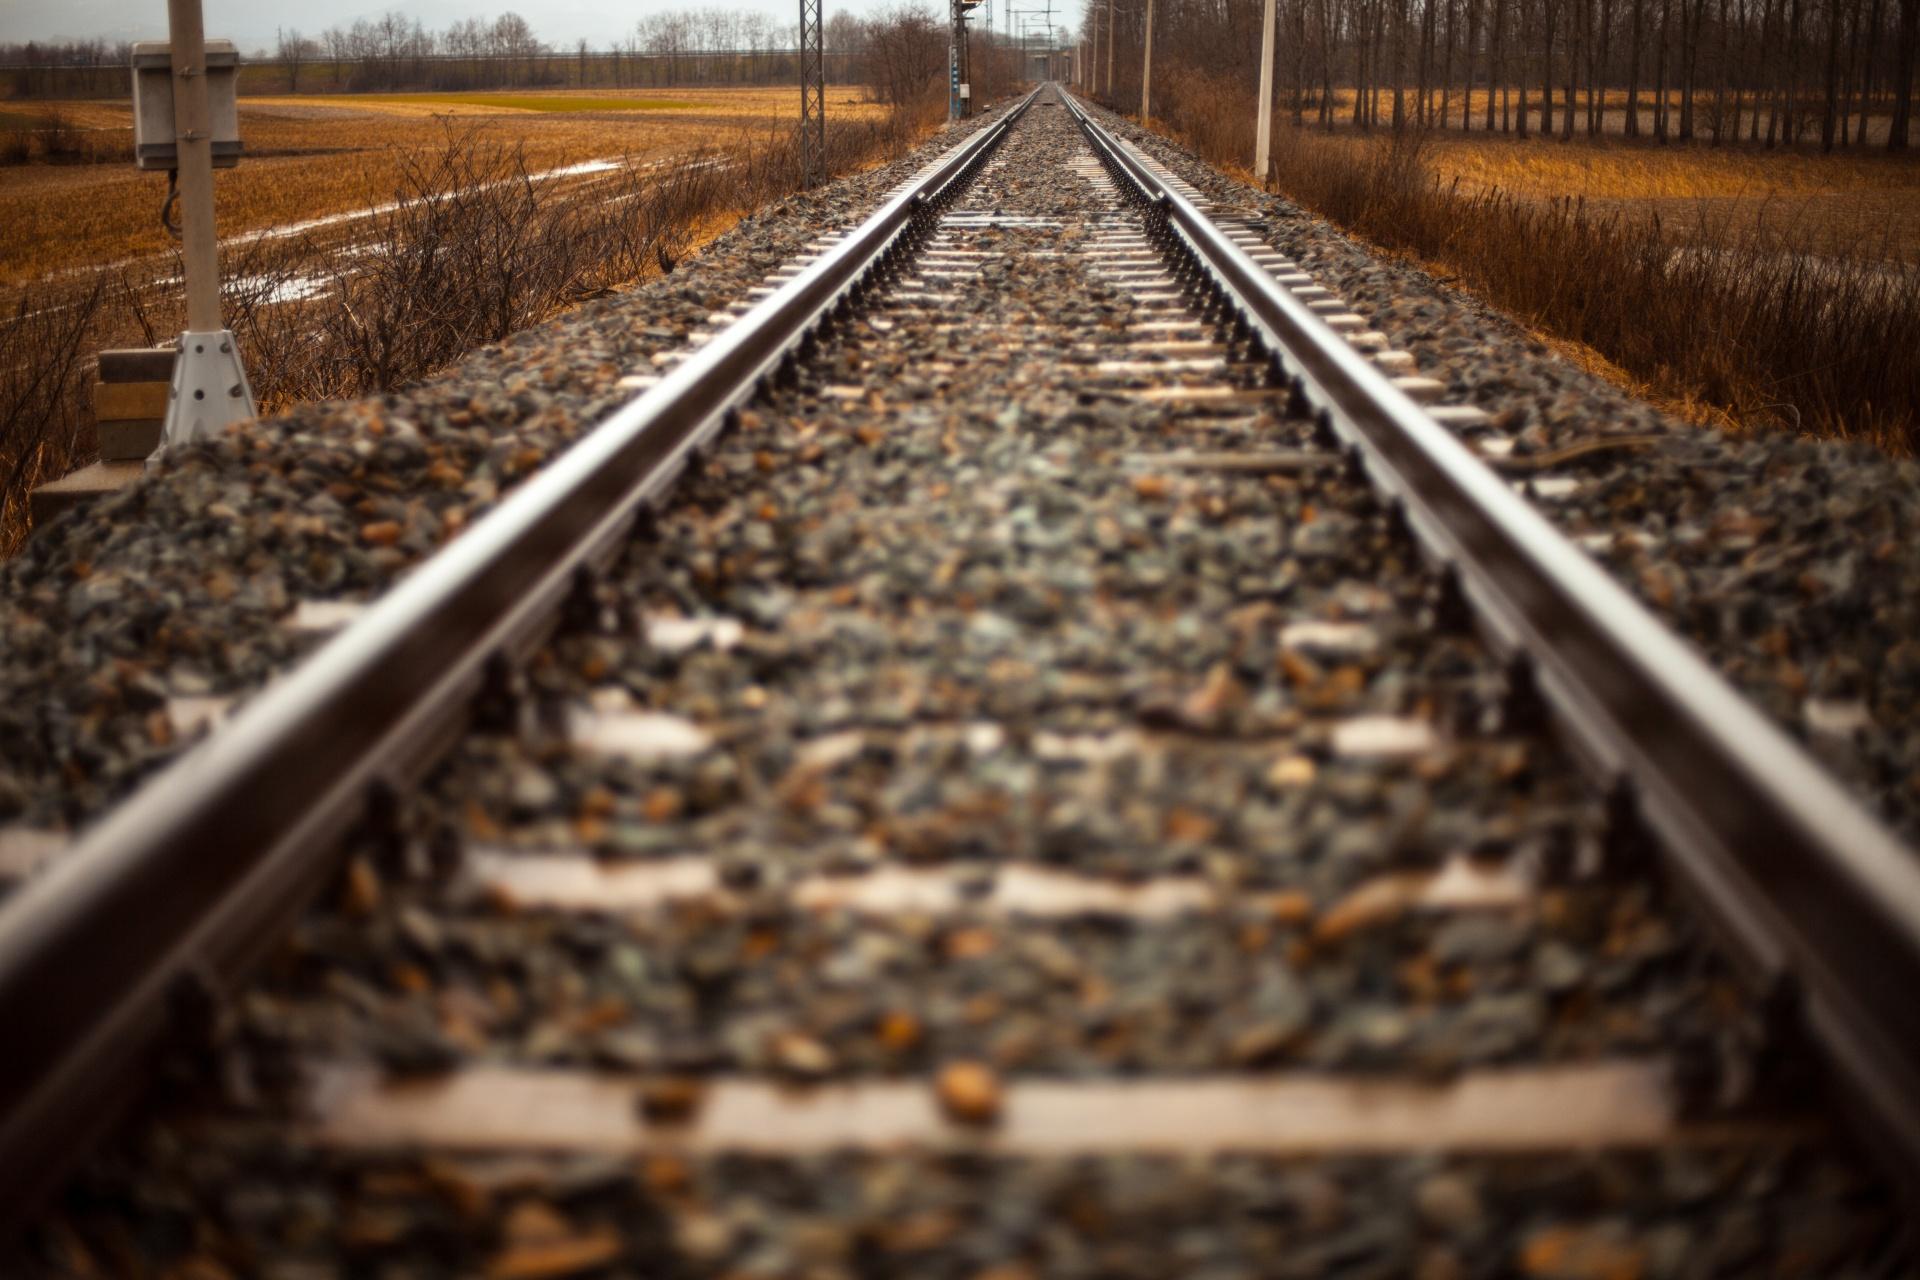 Train tracks photo